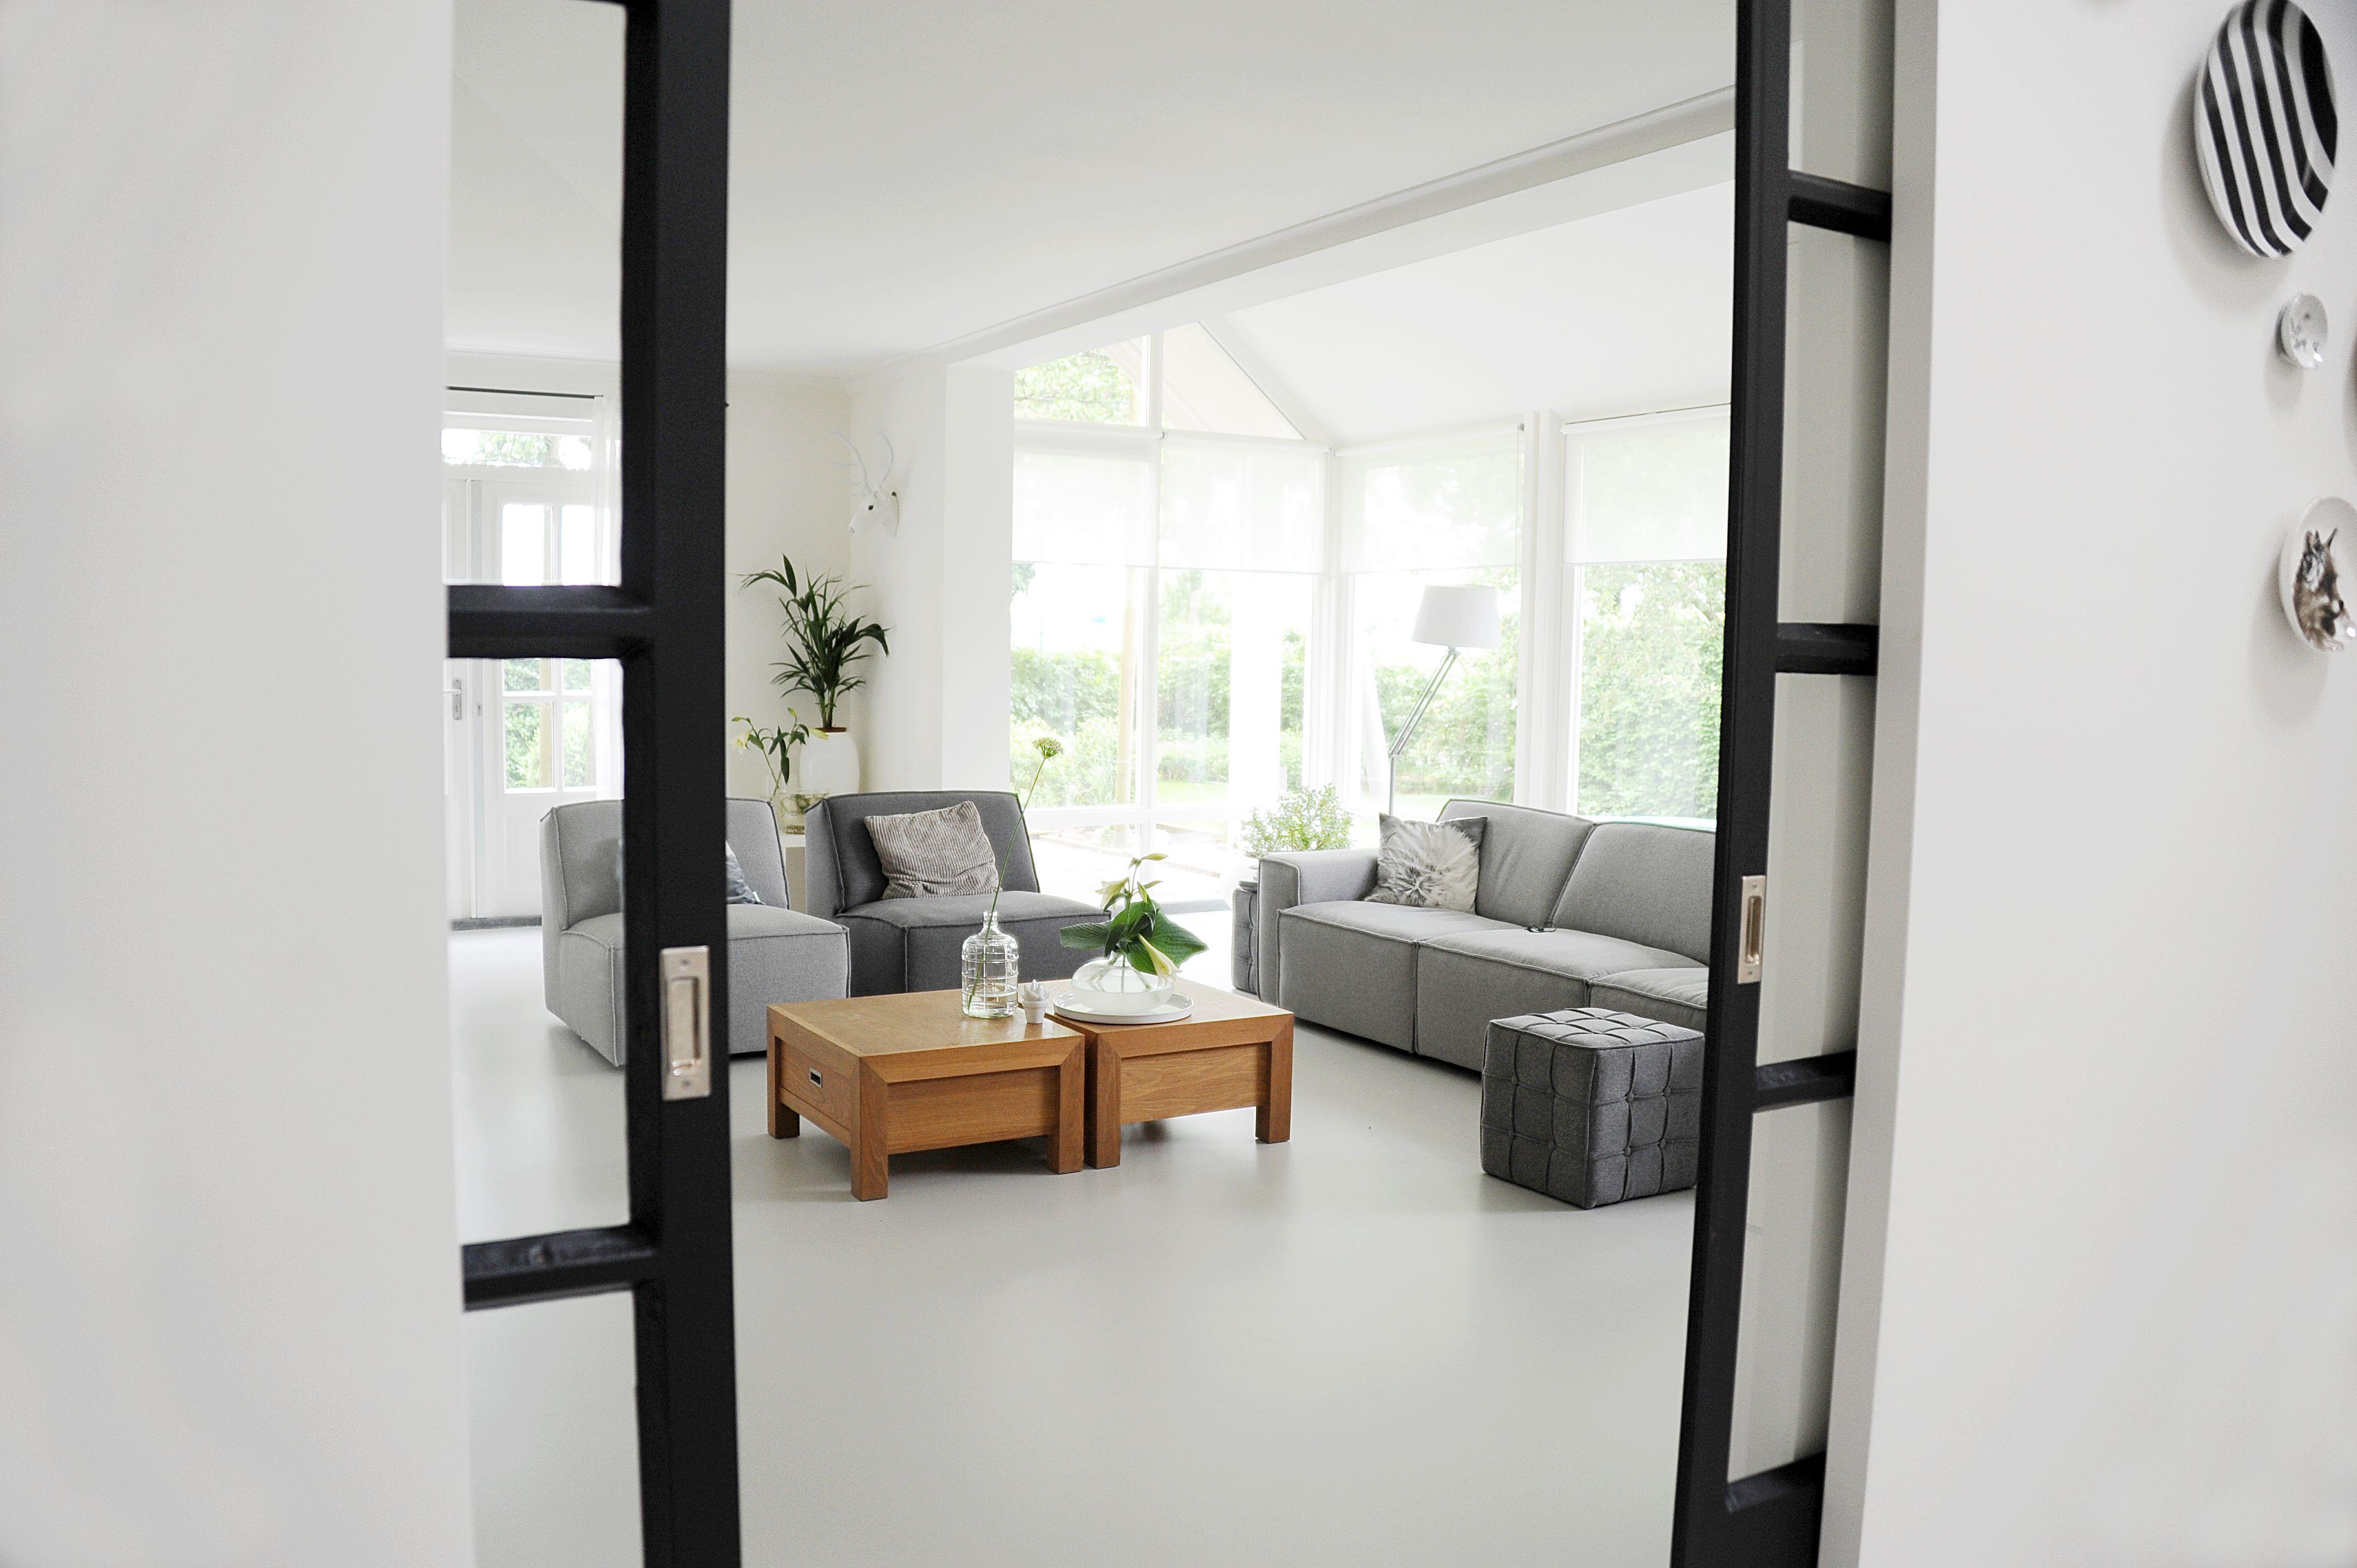 Stalen Ensuite Deuren : Stalen ensuite deuren doors doors living room